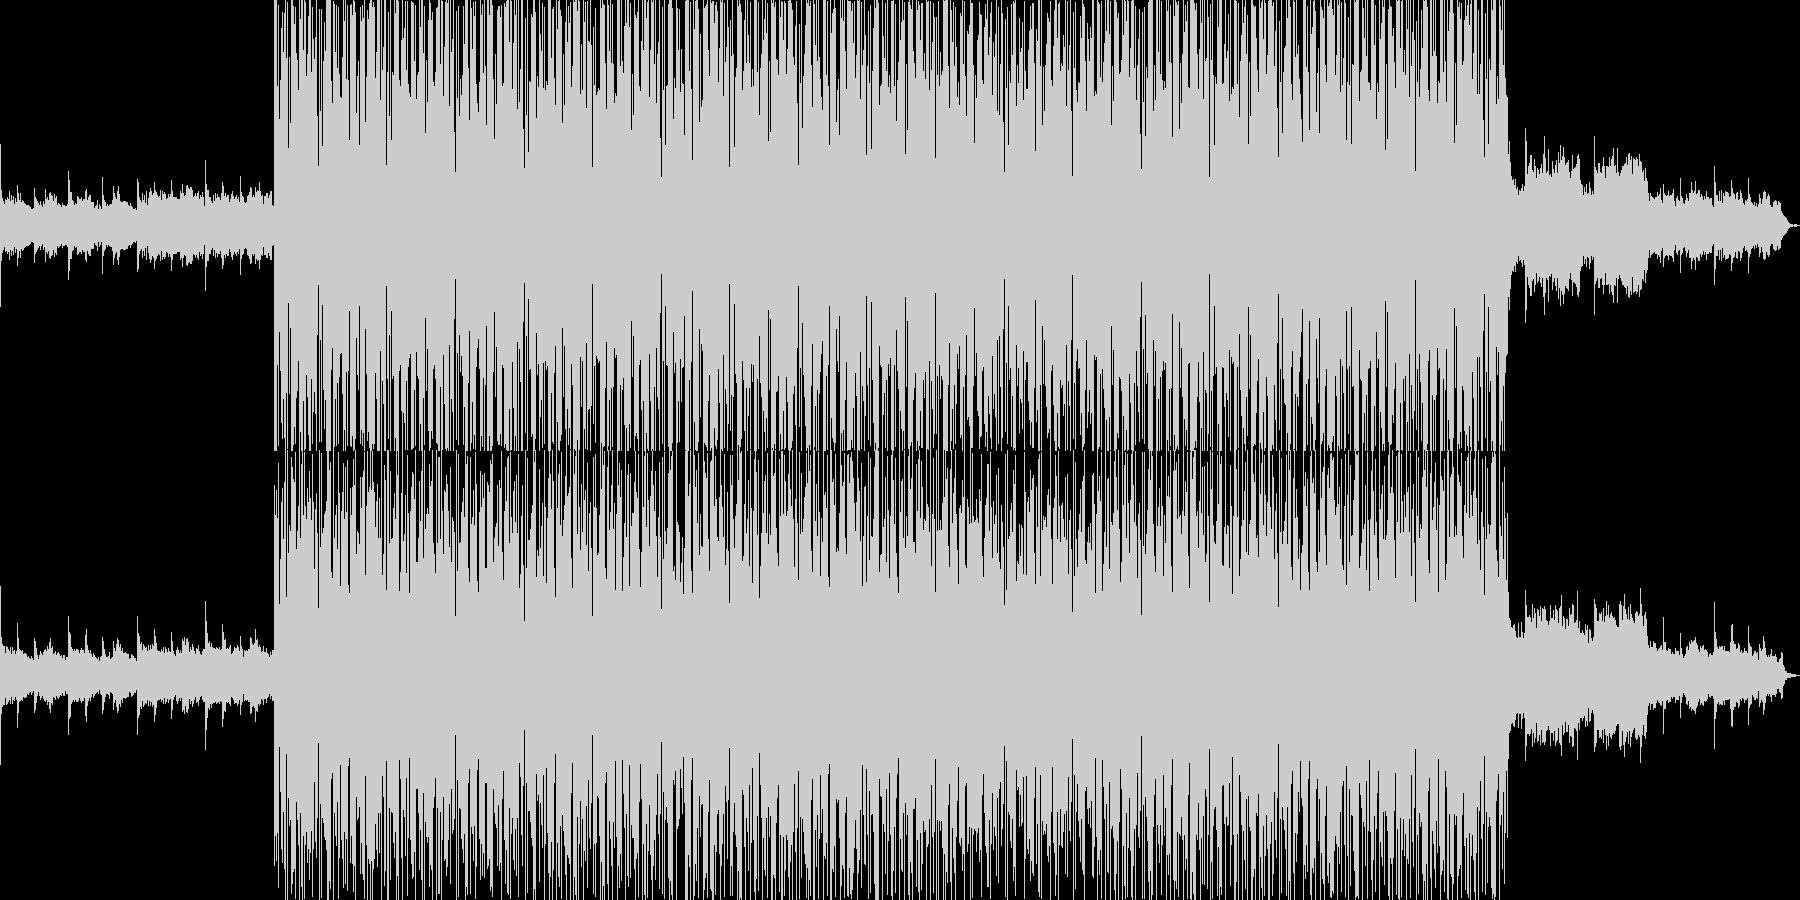 映像向け 壮大なイメージのアンビエントの未再生の波形